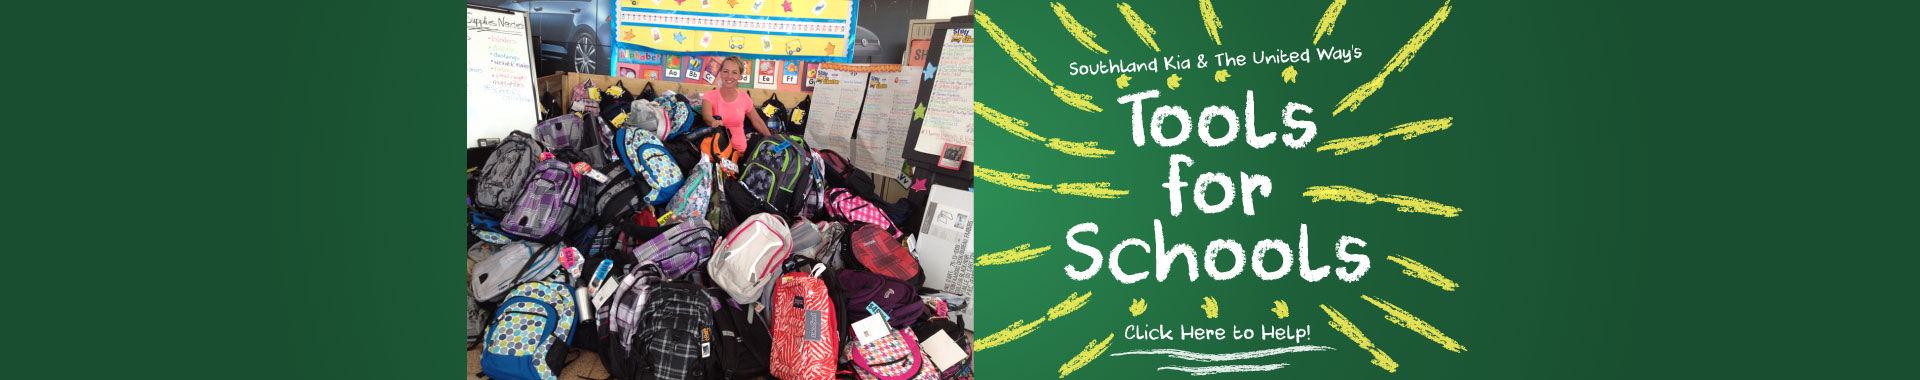 Tools for Schools 2018 - Kia